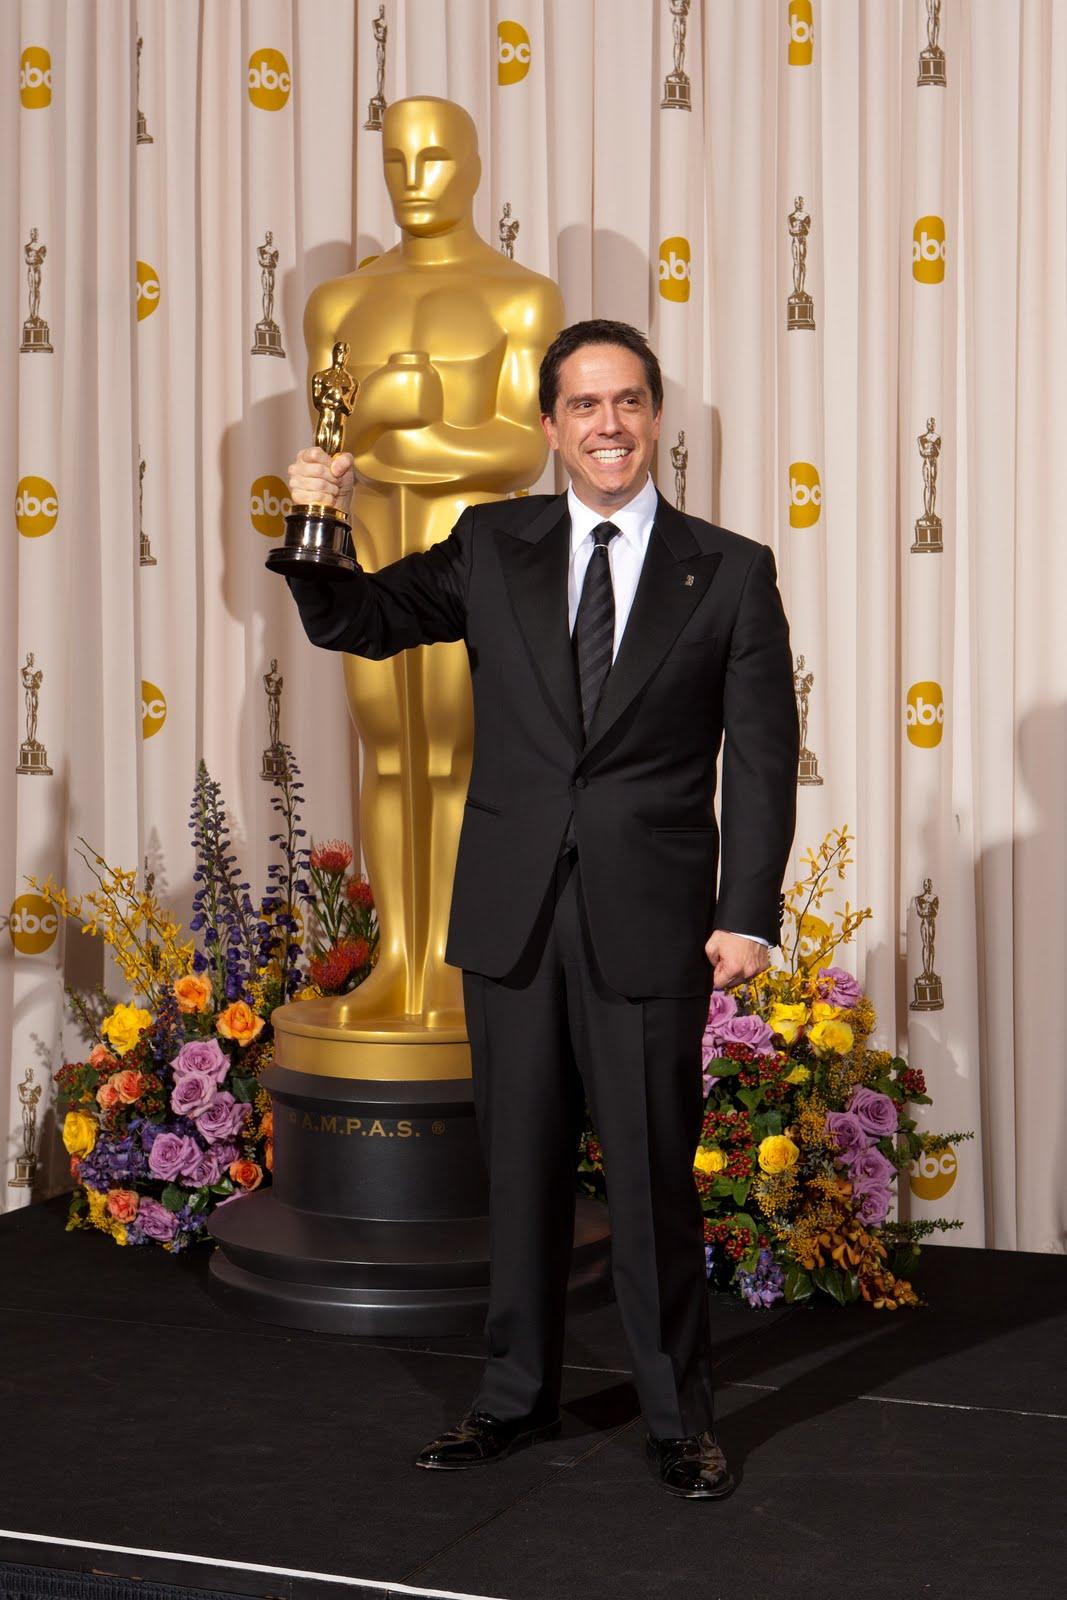 http://3.bp.blogspot.com/-ms7VpF7oFG8/TWvHF7ZKoTI/AAAAAAAAFME/GyMZsfw9V6k/s1600/Lee_Unkrich_83rd_Oscars_pressroom.jpg